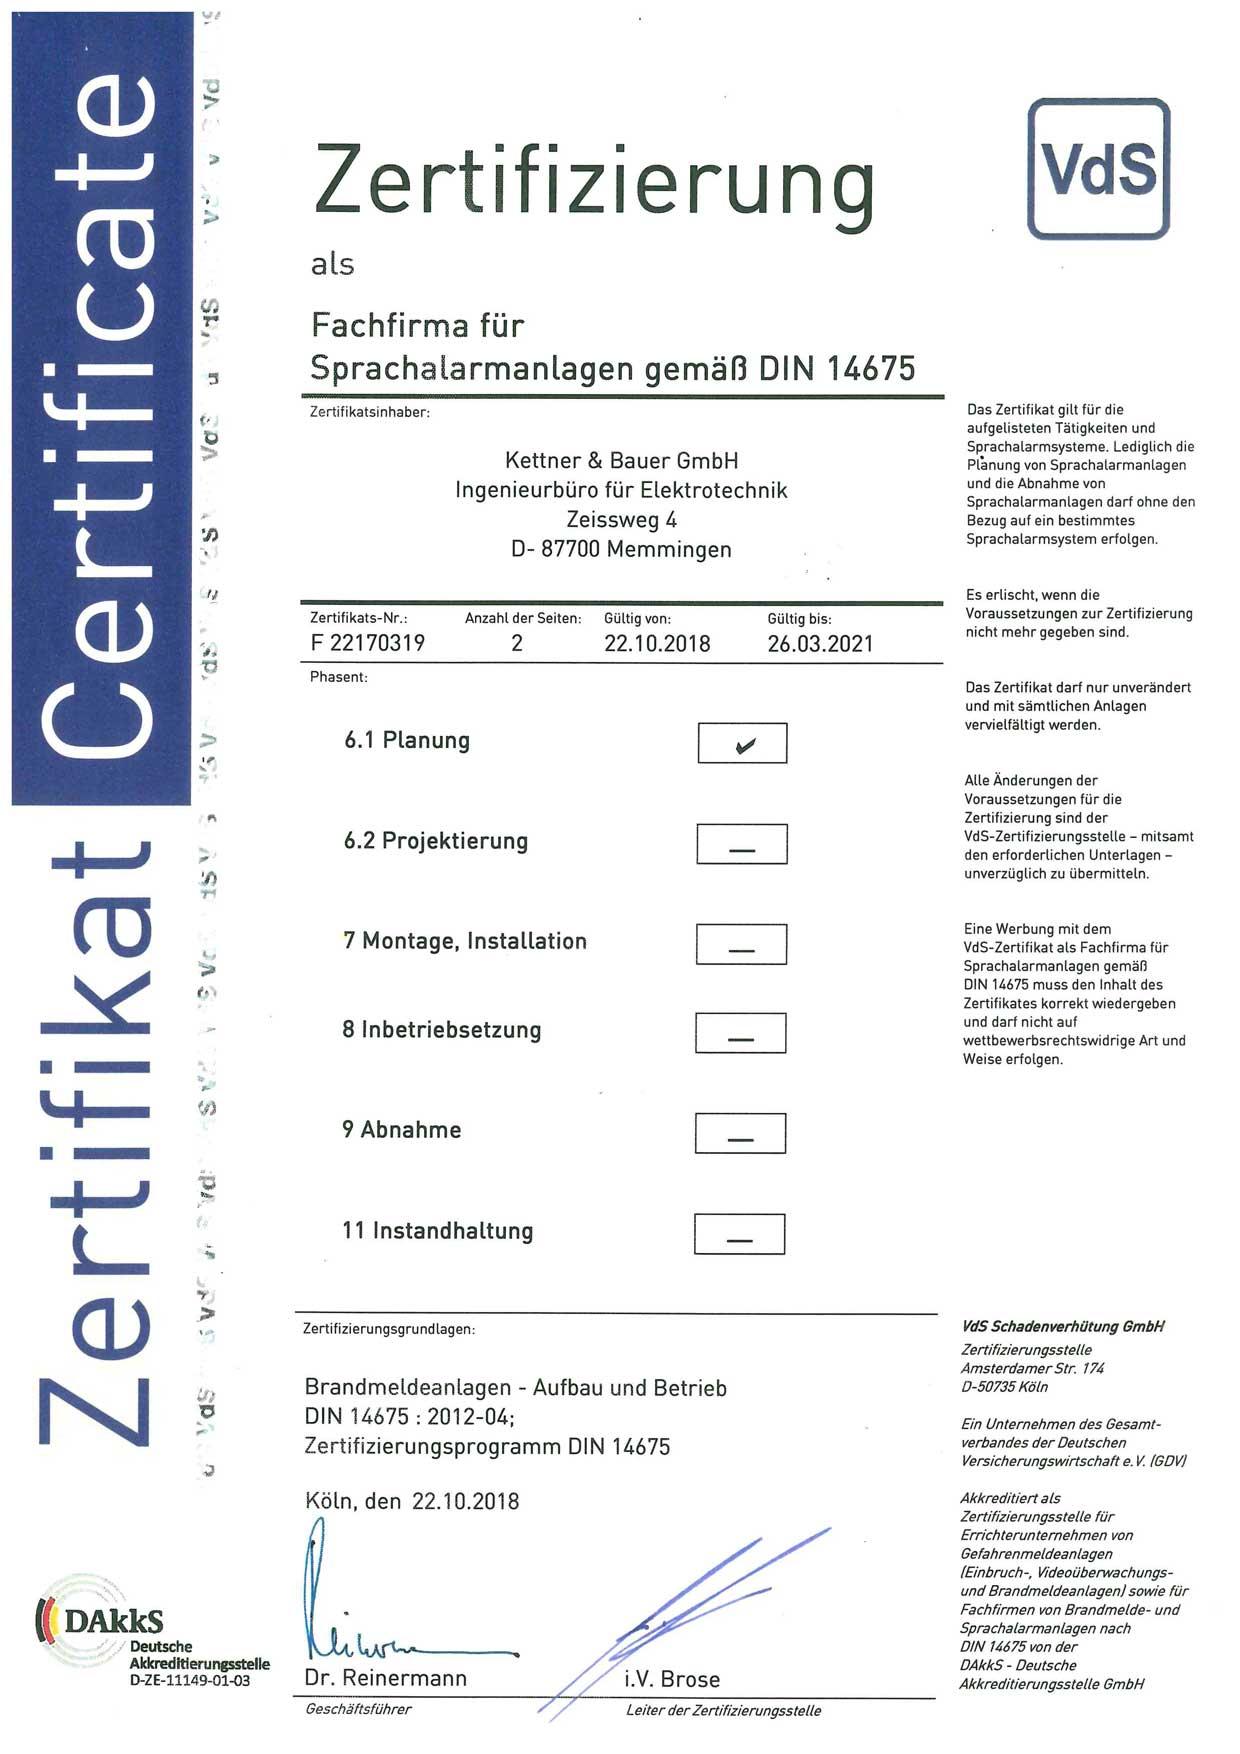 Zertifizierung für Sprachalarmanlagen nach DIN 14675